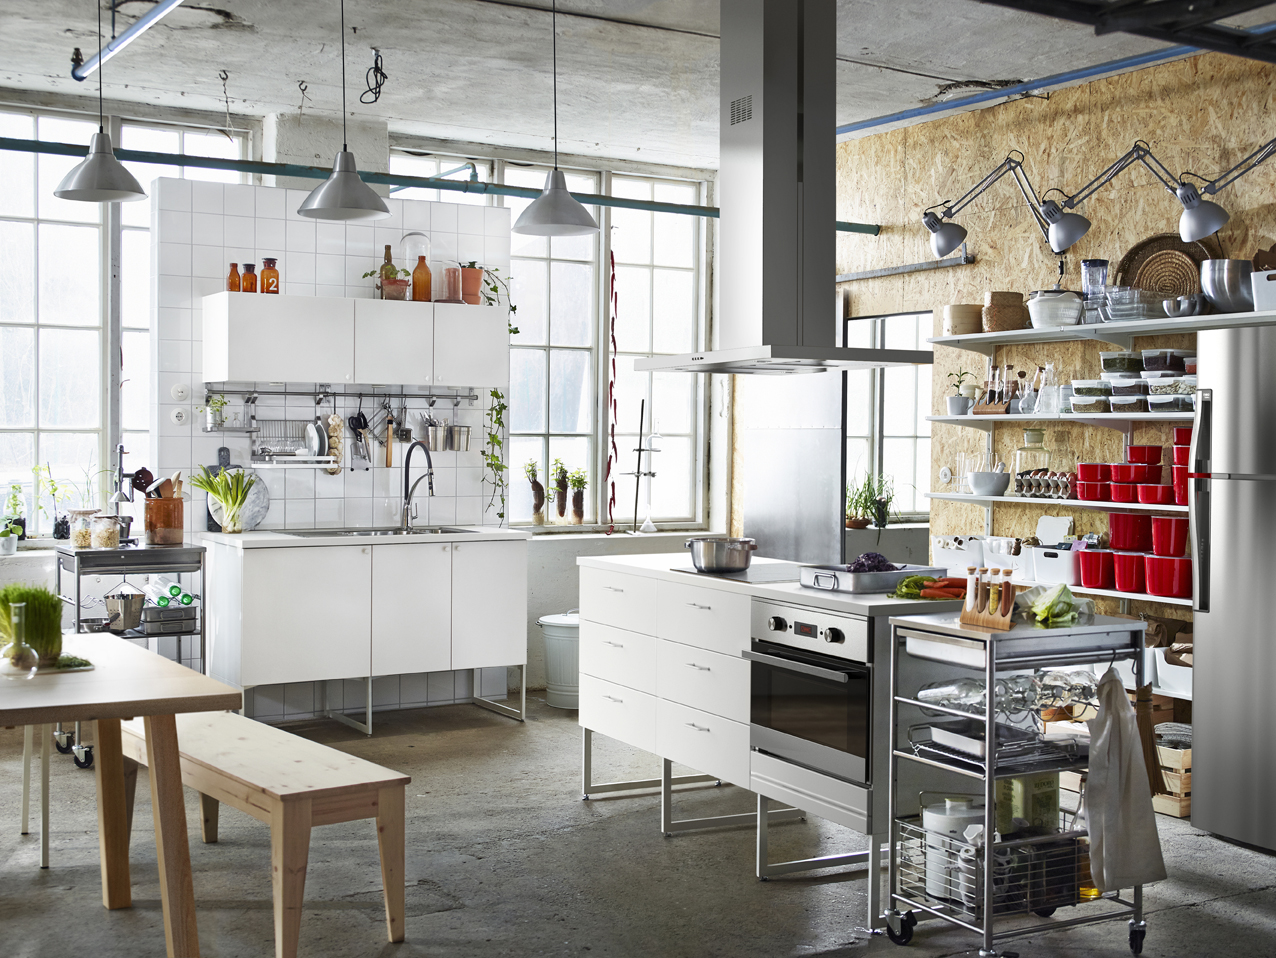 El Secreto De Una Buena Cocina La Distribucion Castelog